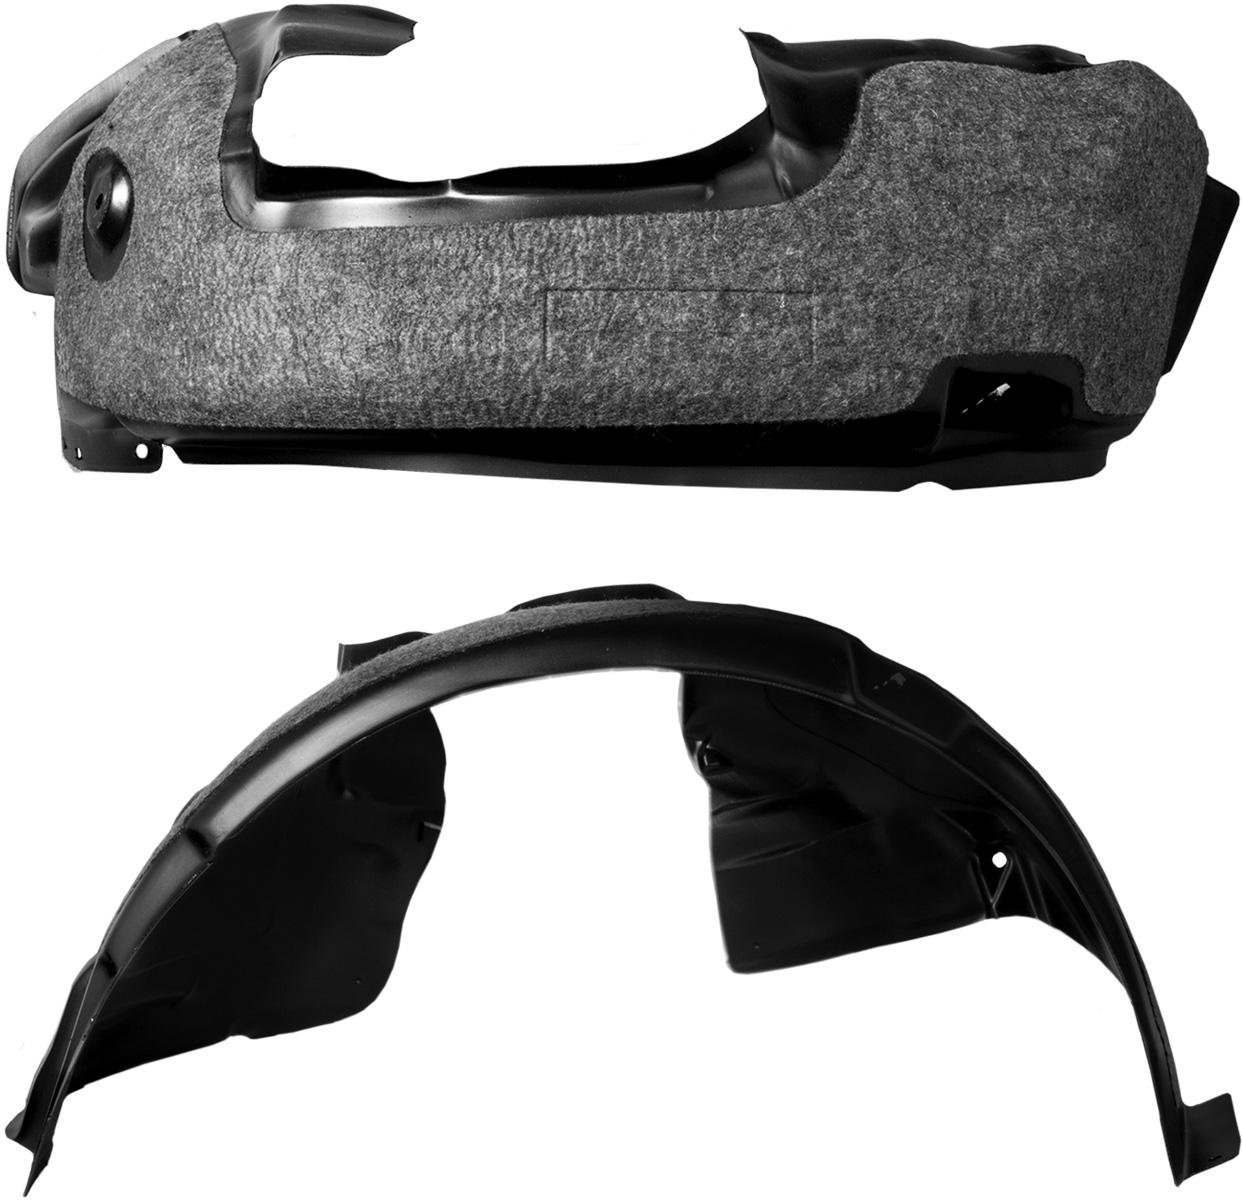 Подкрылок с шумоизоляцией Novline-Autofamily, для Peugeot Boxer, 08/2014 ->, без расширителей арок (передний левый)CA-3505Подкрылок с шумоизоляцией - революционный продукт, совмещающий в себе все достоинства обычного подкрылка, и в то же время являющийся одним из наиболее эффективных средств борьбы с внешним шумом в салоне автомобиля. Подкрылки бренда Novline-Autofamily разрабатываются индивидуально для каждого автомобиля с использованием метода 3D-сканирования.В качестве шумоизолирующего слоя применяется легкое синтетическое нетканое полотно толщиной 10 мм, которое отталкивает влагу, сохраняет свои шумоизоляционные свойства на протяжении всего периода эксплуатации.Подкрылки с шумоизоляцией не имеют эксплуатационных ограничений и устанавливаются один раз на весь срок службы автомобиля.Подкрылки с шумоизоляцией не имеют аналогов и являются российским изобретением, получившим признание во всём мире. Уважаемые клиенты! Обращаем ваше внимание, фото может не полностью соответствовать оригиналу.